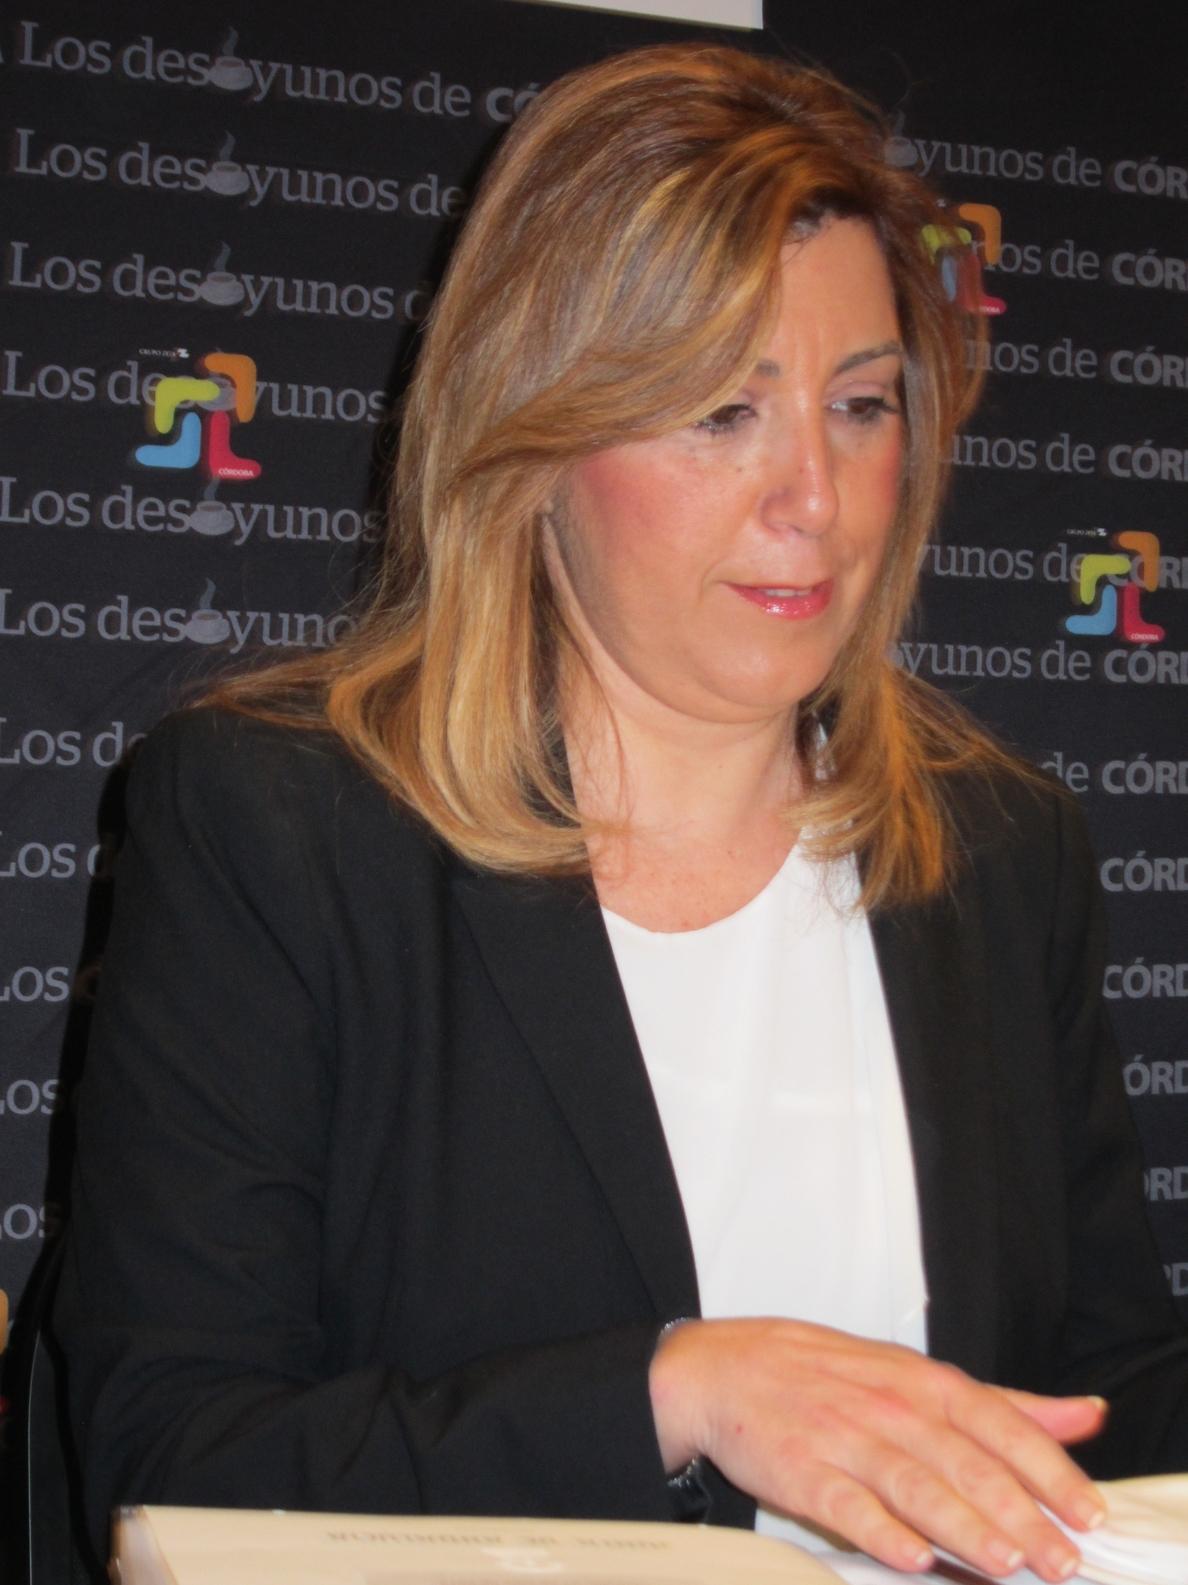 Díaz: La Junta lleva siete meses revisando subvenciones a cursos de formación y «si alguien actuó mal lo va a pagar»